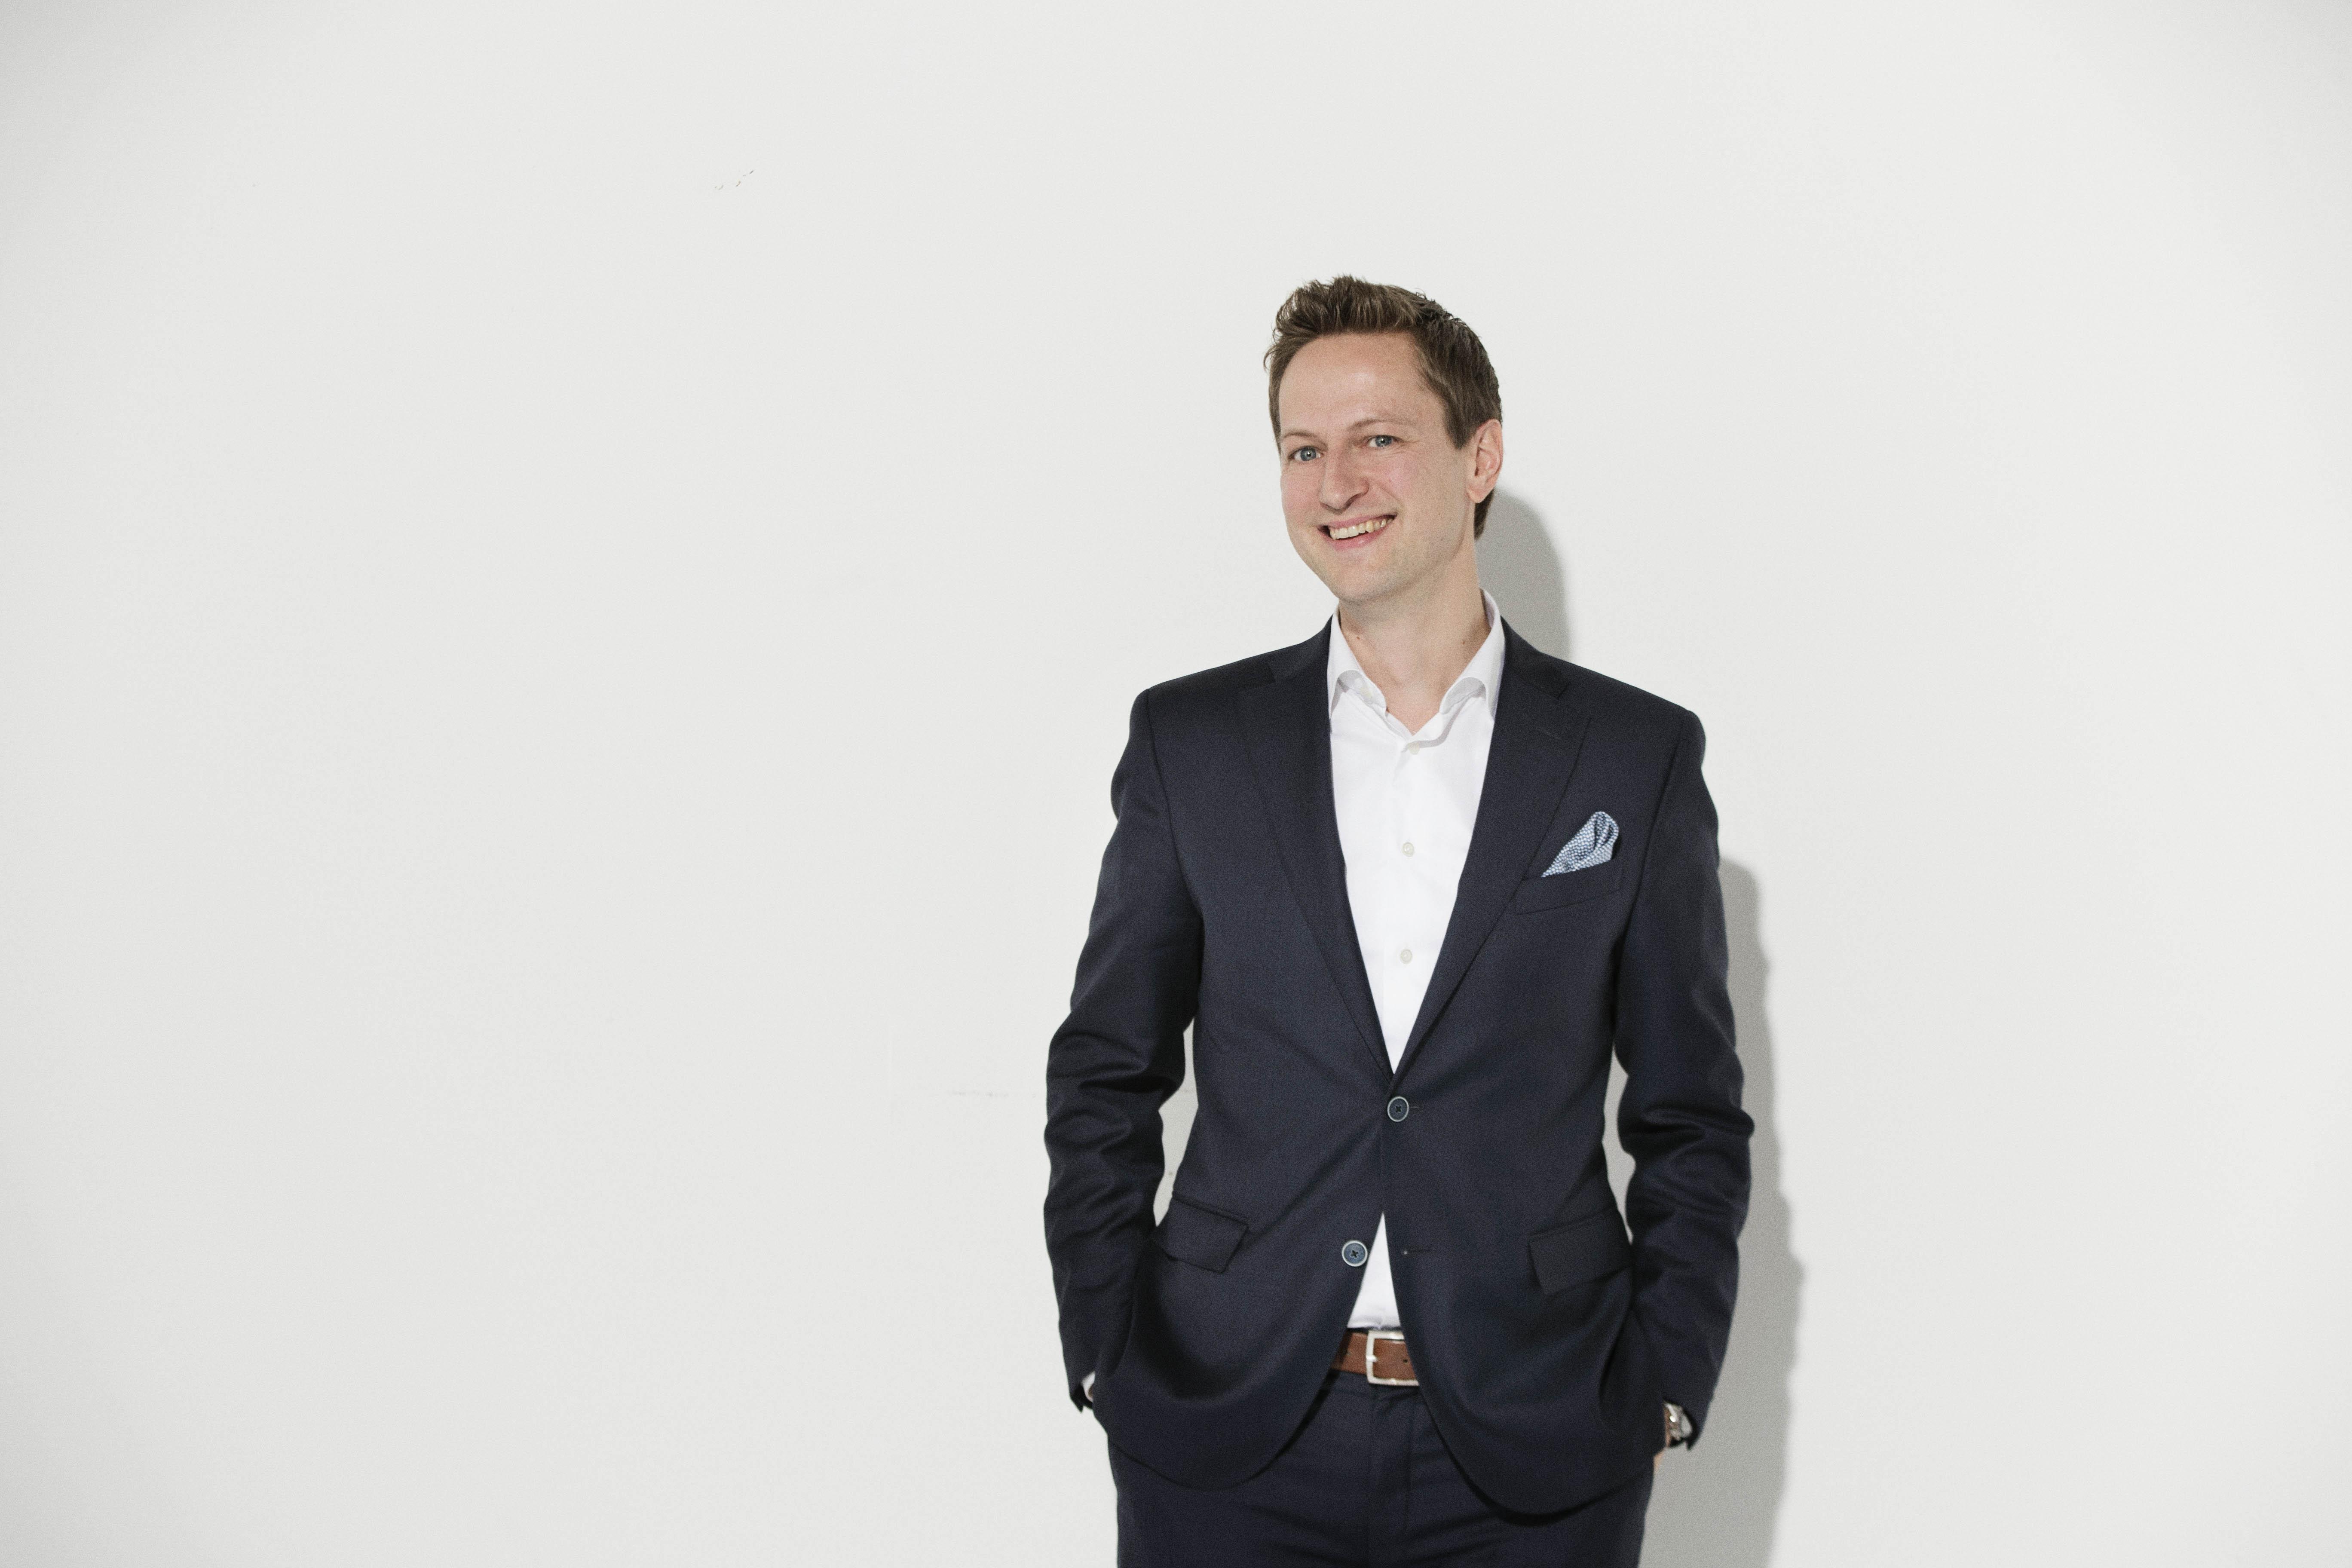 Danske Christen Bagger blev ved årsskiftet øverste chef for Clarion-varemærket med foreløbig 34 hoteller og 4.300 medarbejdere under den store norske koncern Nordic Choice Hotels. PR-foto.